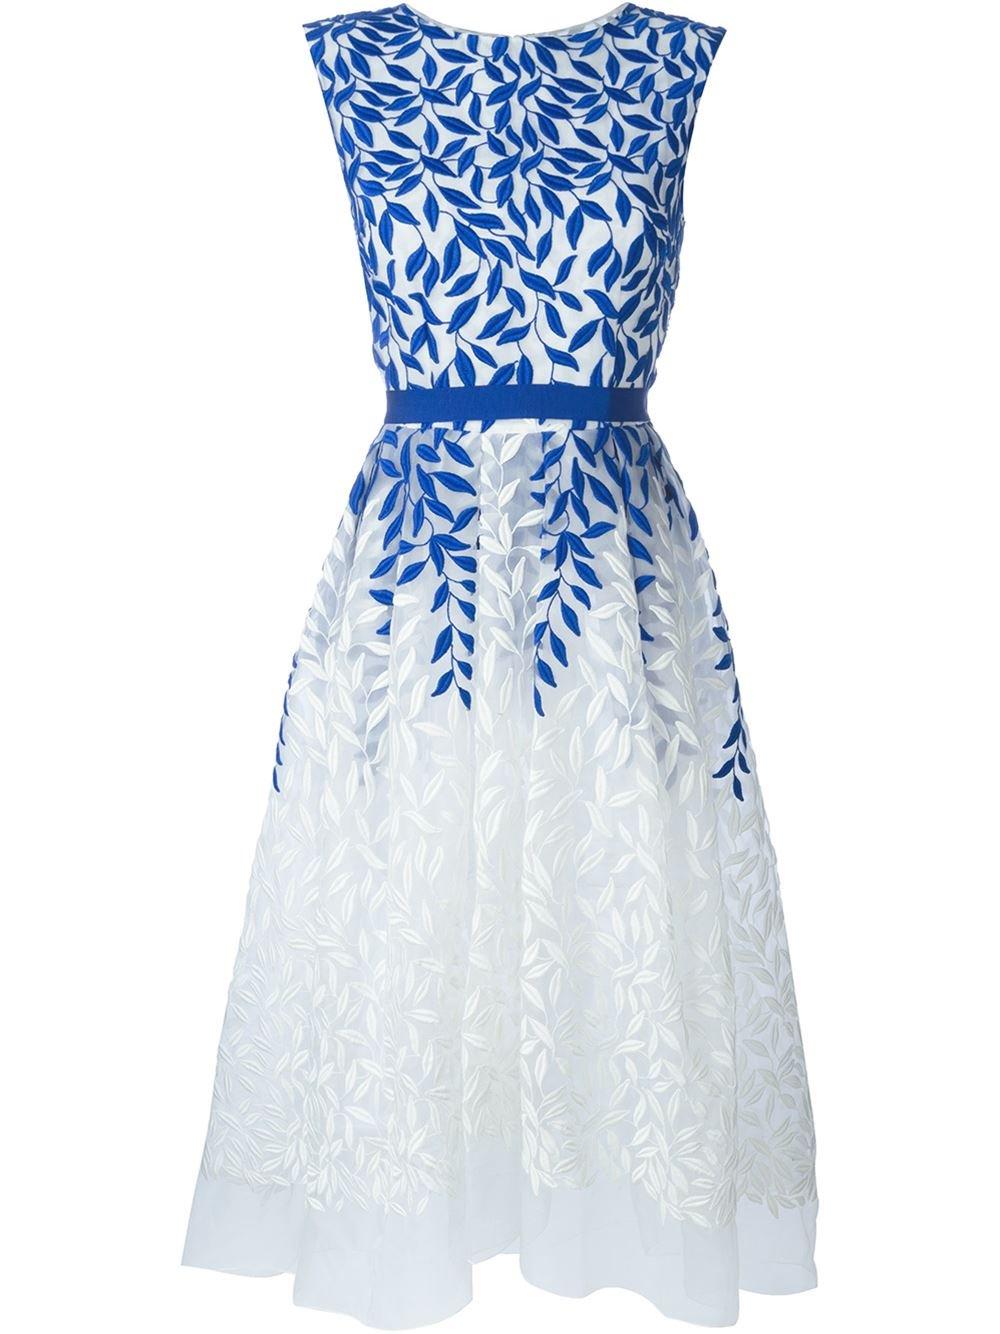 16 melhores imagens de Acessórios para vestido de festa azul